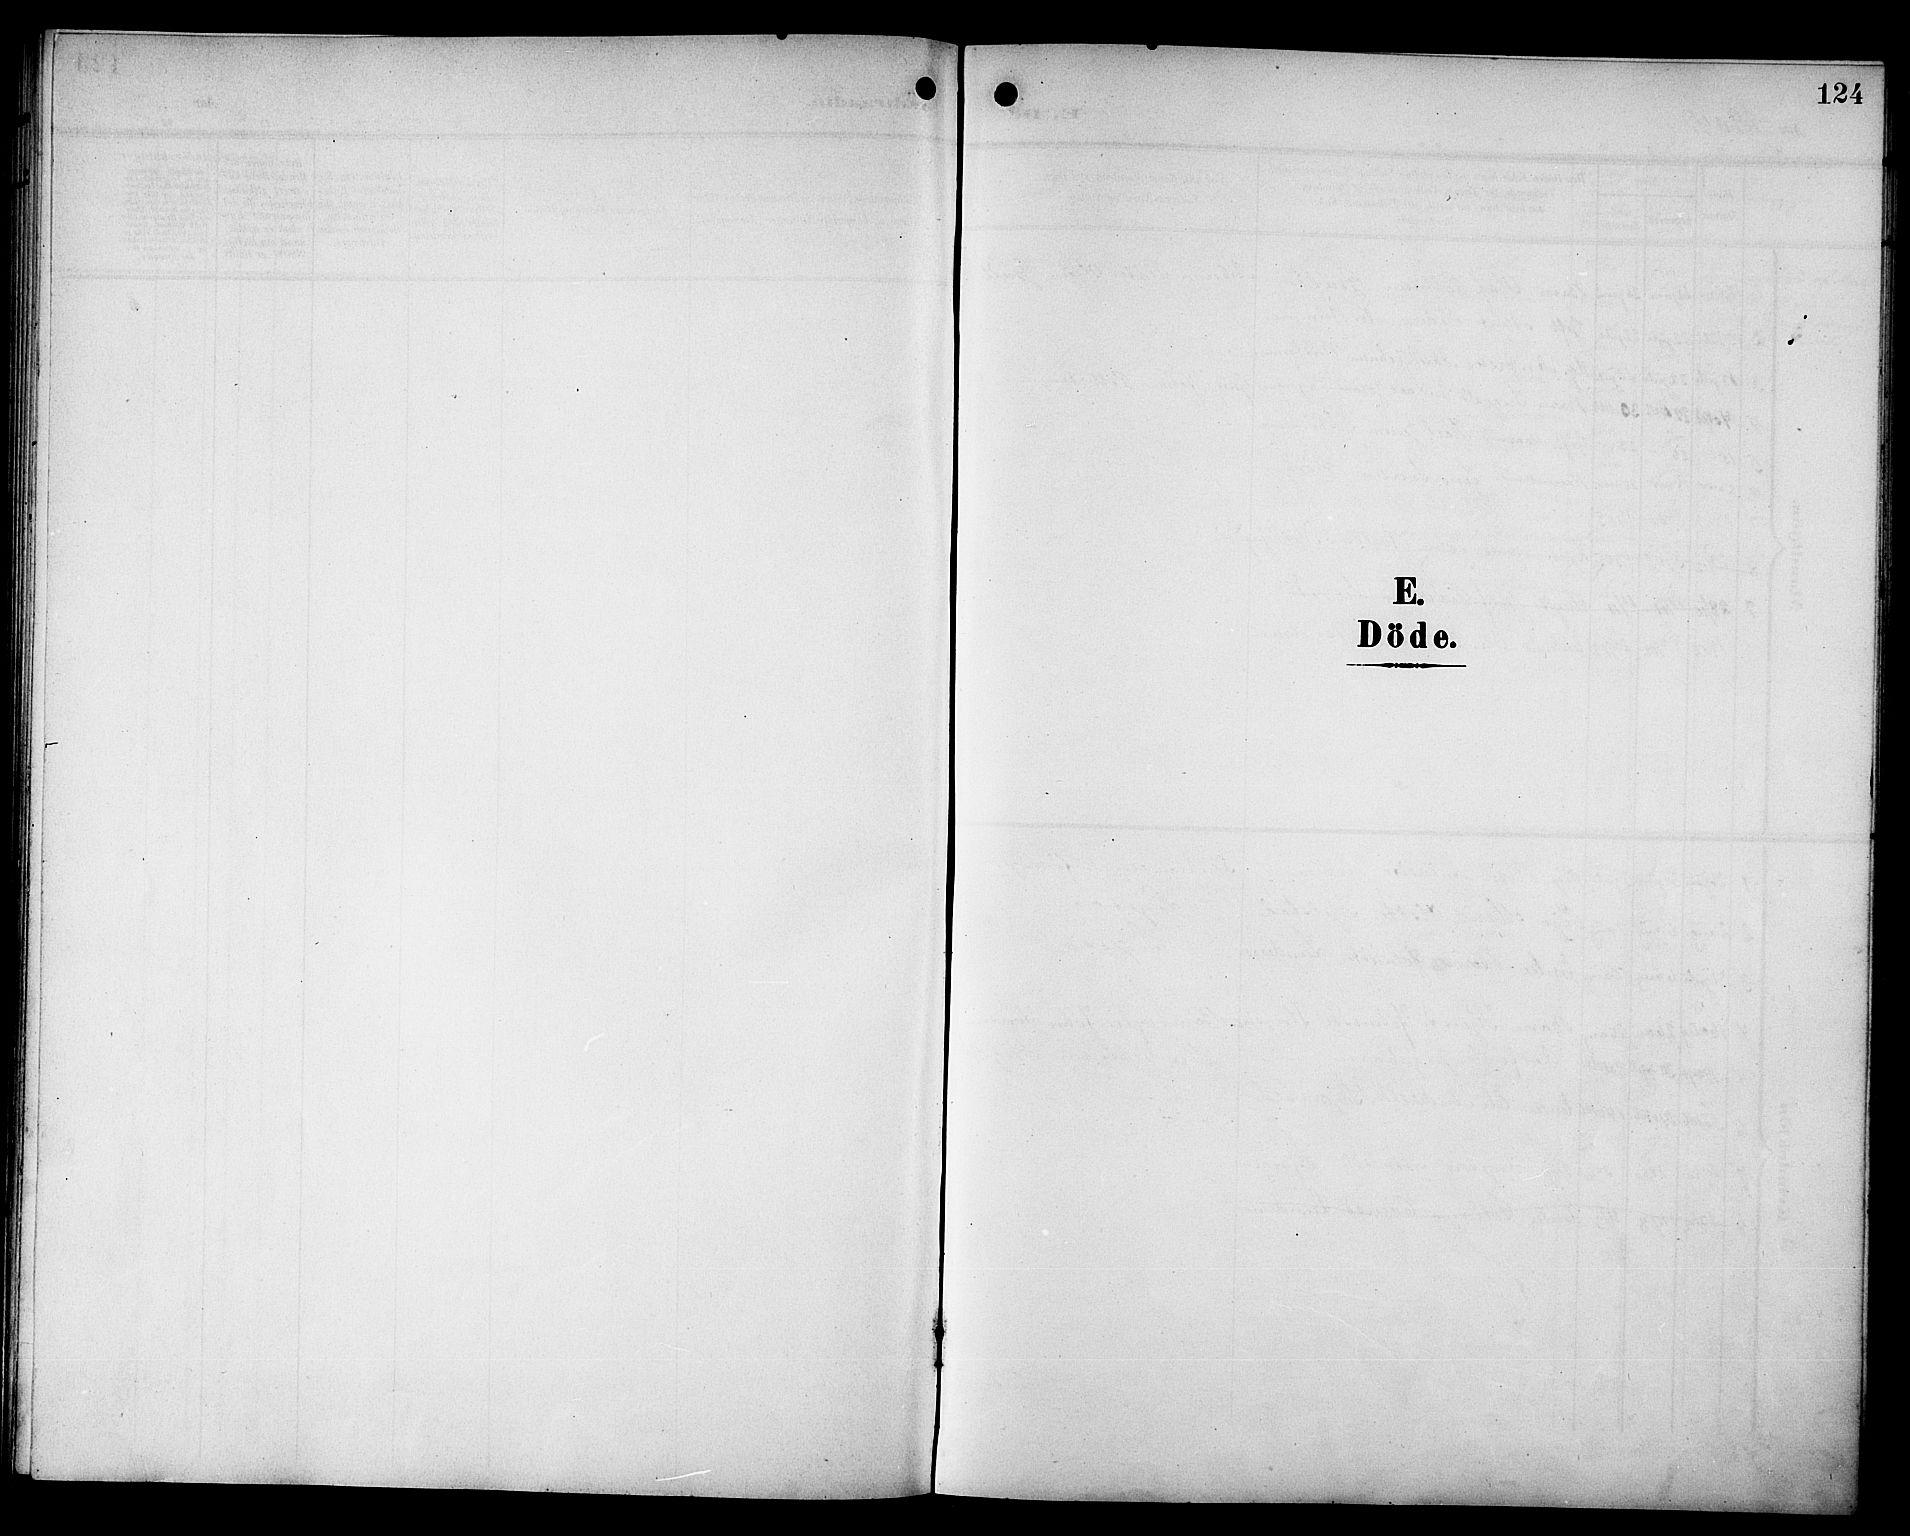 SAT, Ministerialprotokoller, klokkerbøker og fødselsregistre - Sør-Trøndelag, 692/L1112: Klokkerbok nr. 692C07, 1904-1918, s. 124